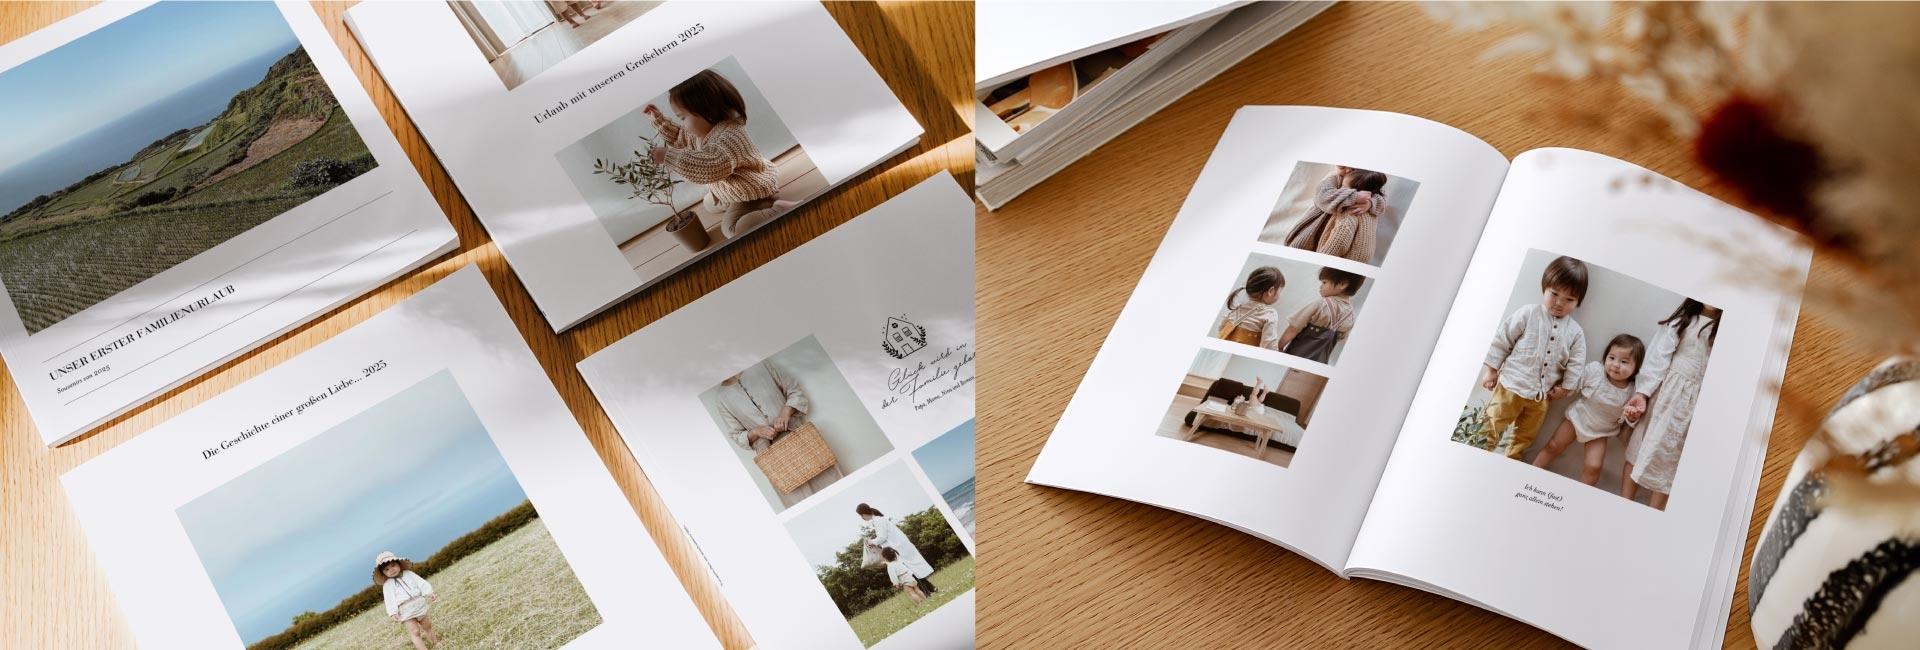 Fotobuch mit Softcover Einband